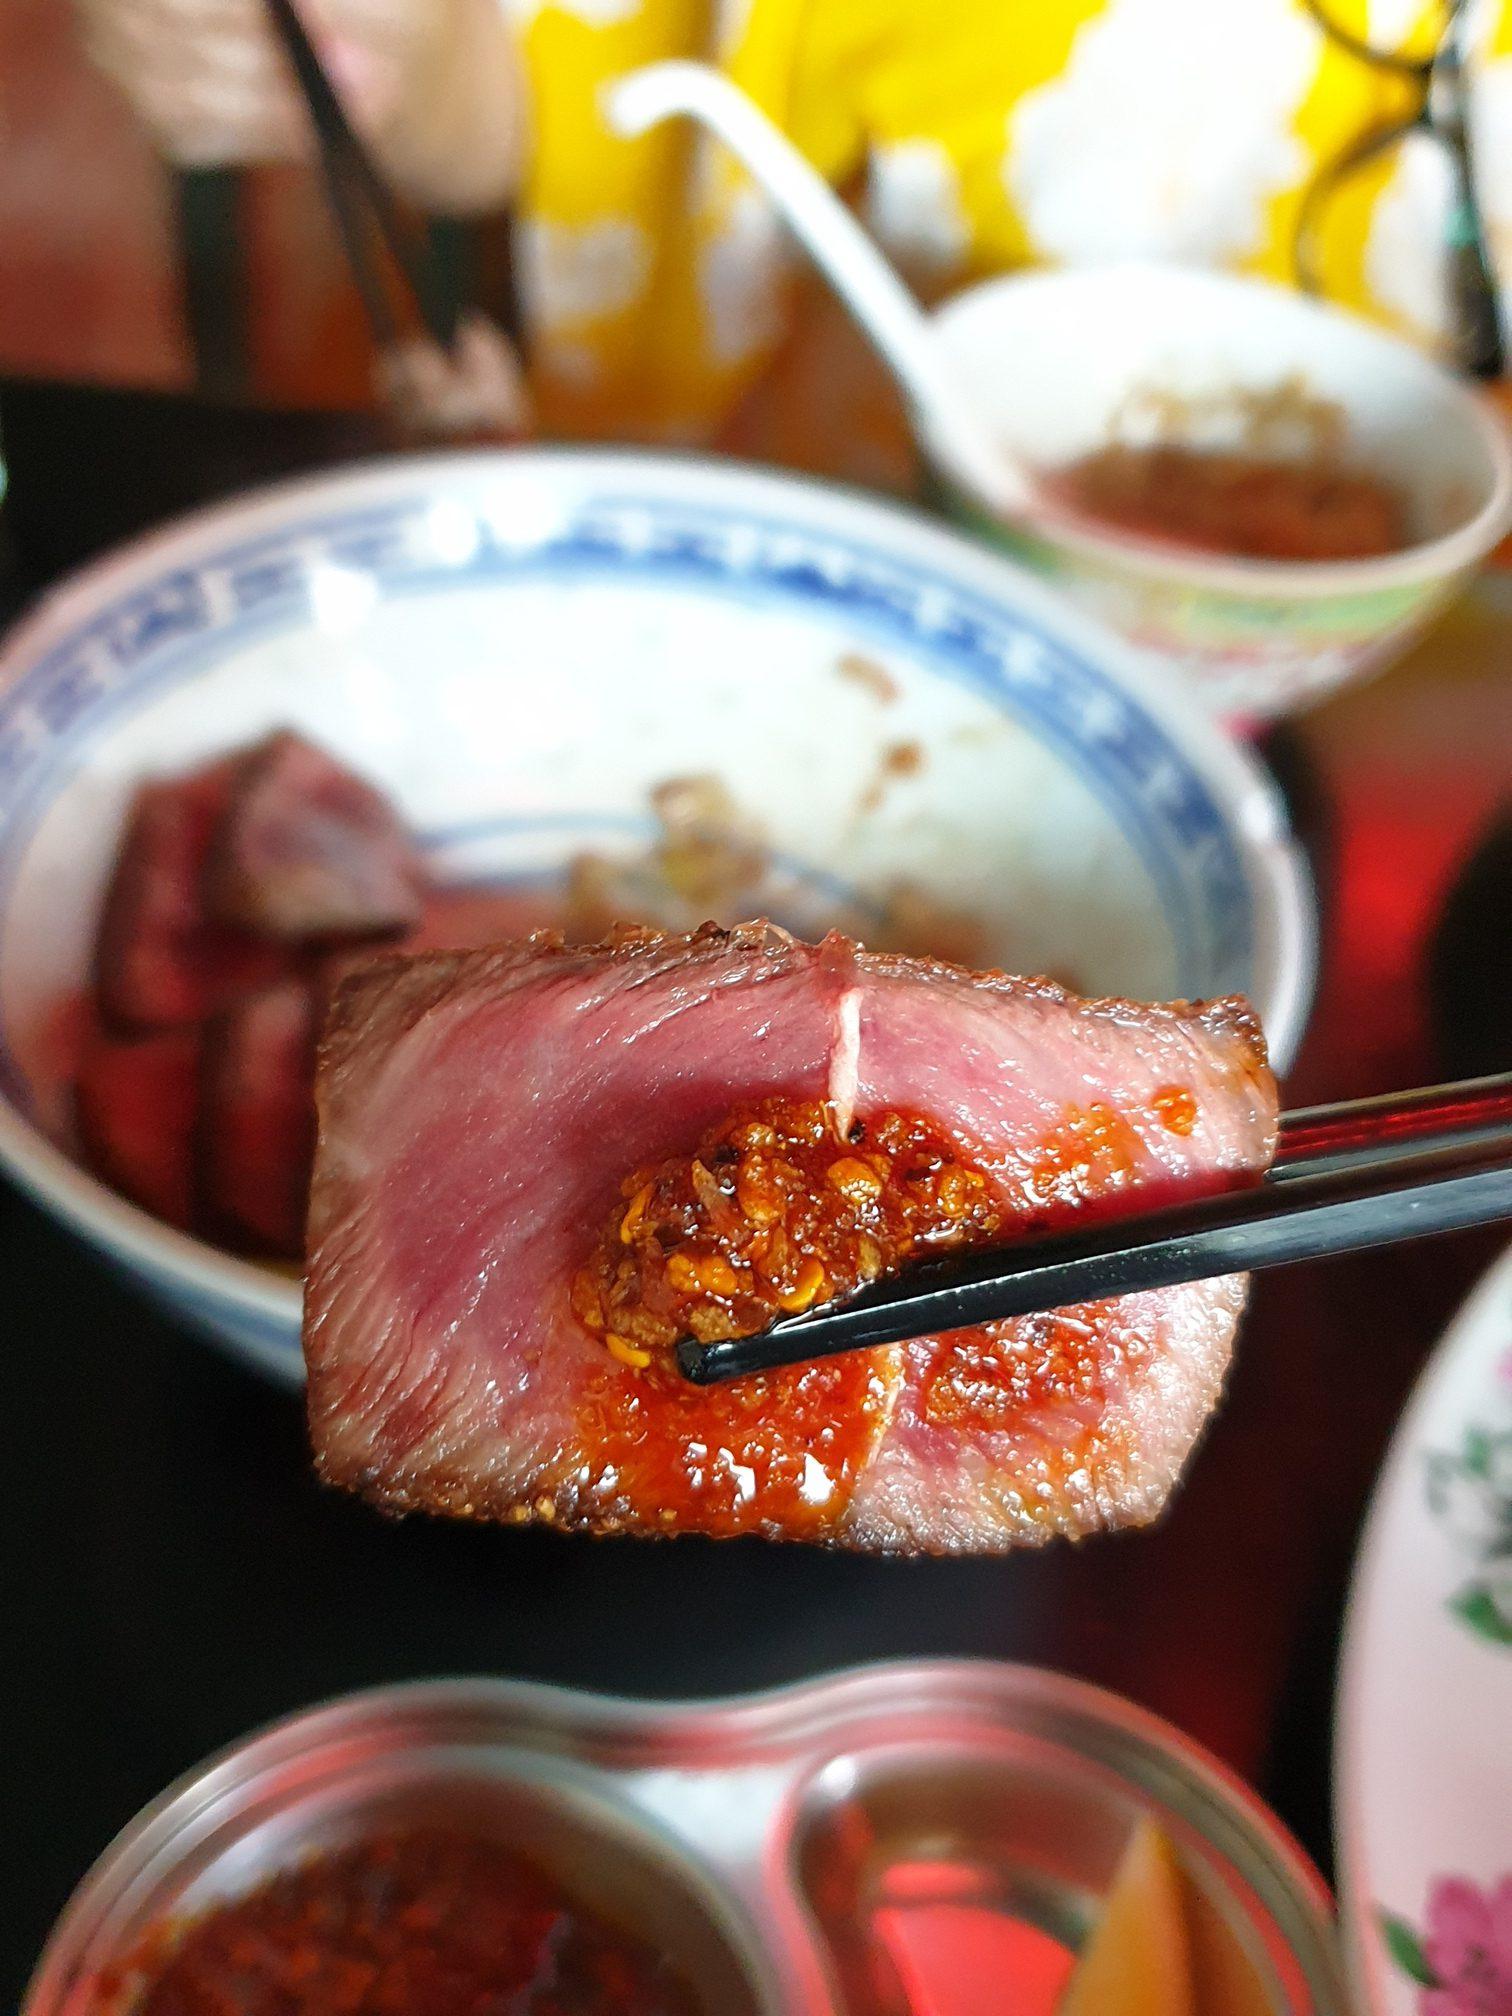 พริกเผายี่สับหลกรสชาติดีมากมีเนื้อสัมผัสกรุบกรอบ จิ้มกับอะไรก็อร่อย